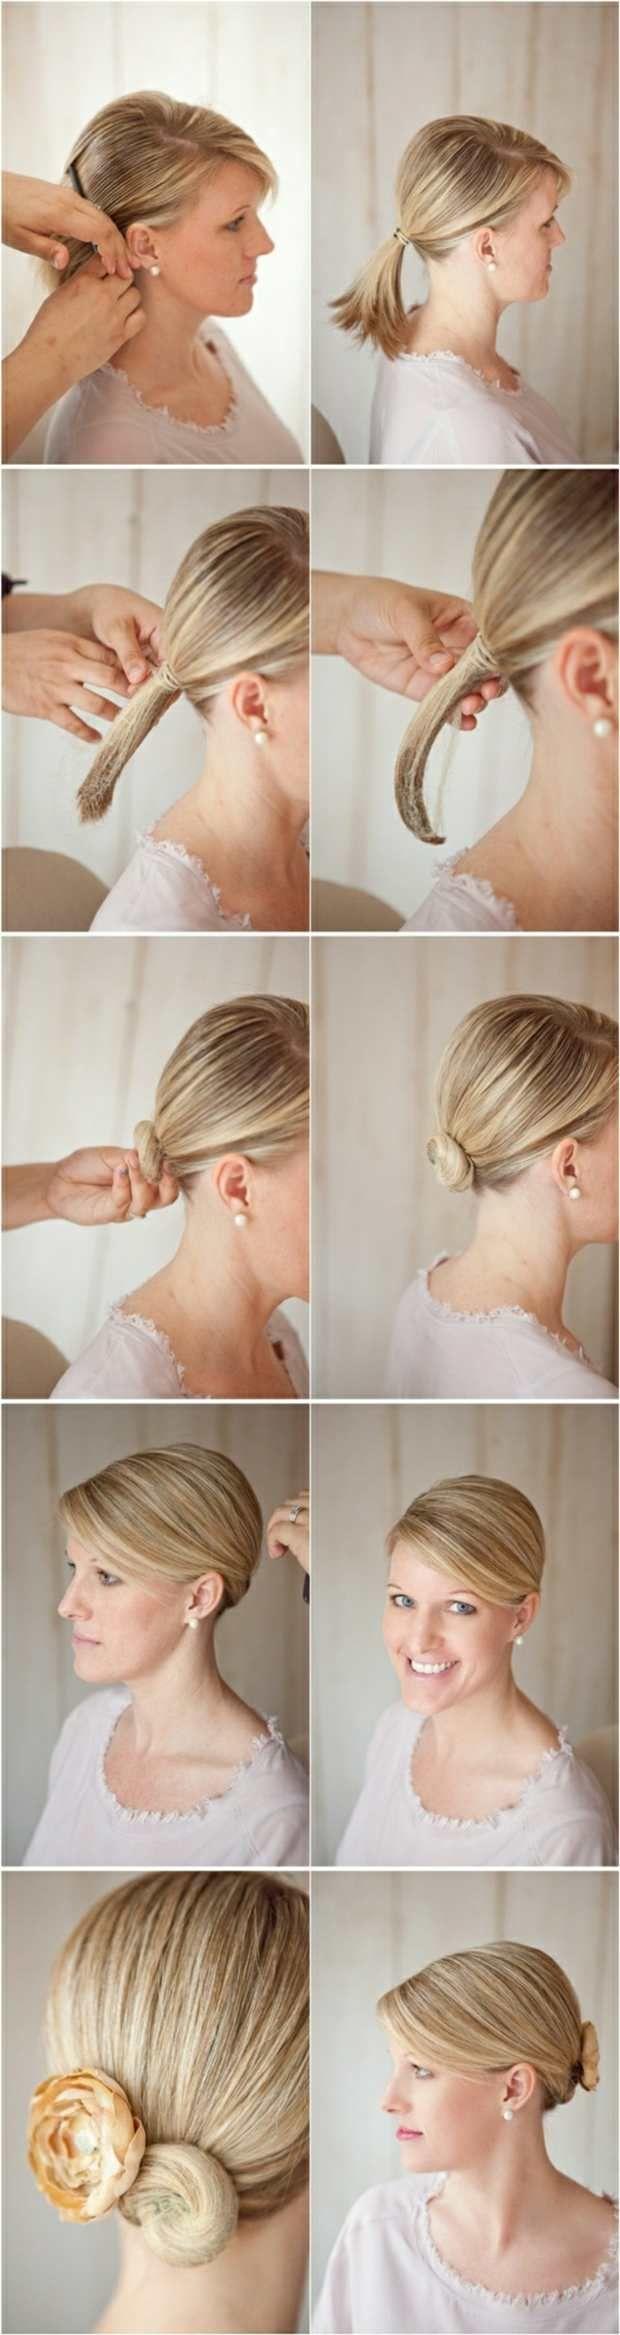 Hochzeit Frisur Selber Machen Hochsteckfrisur Papier Hair